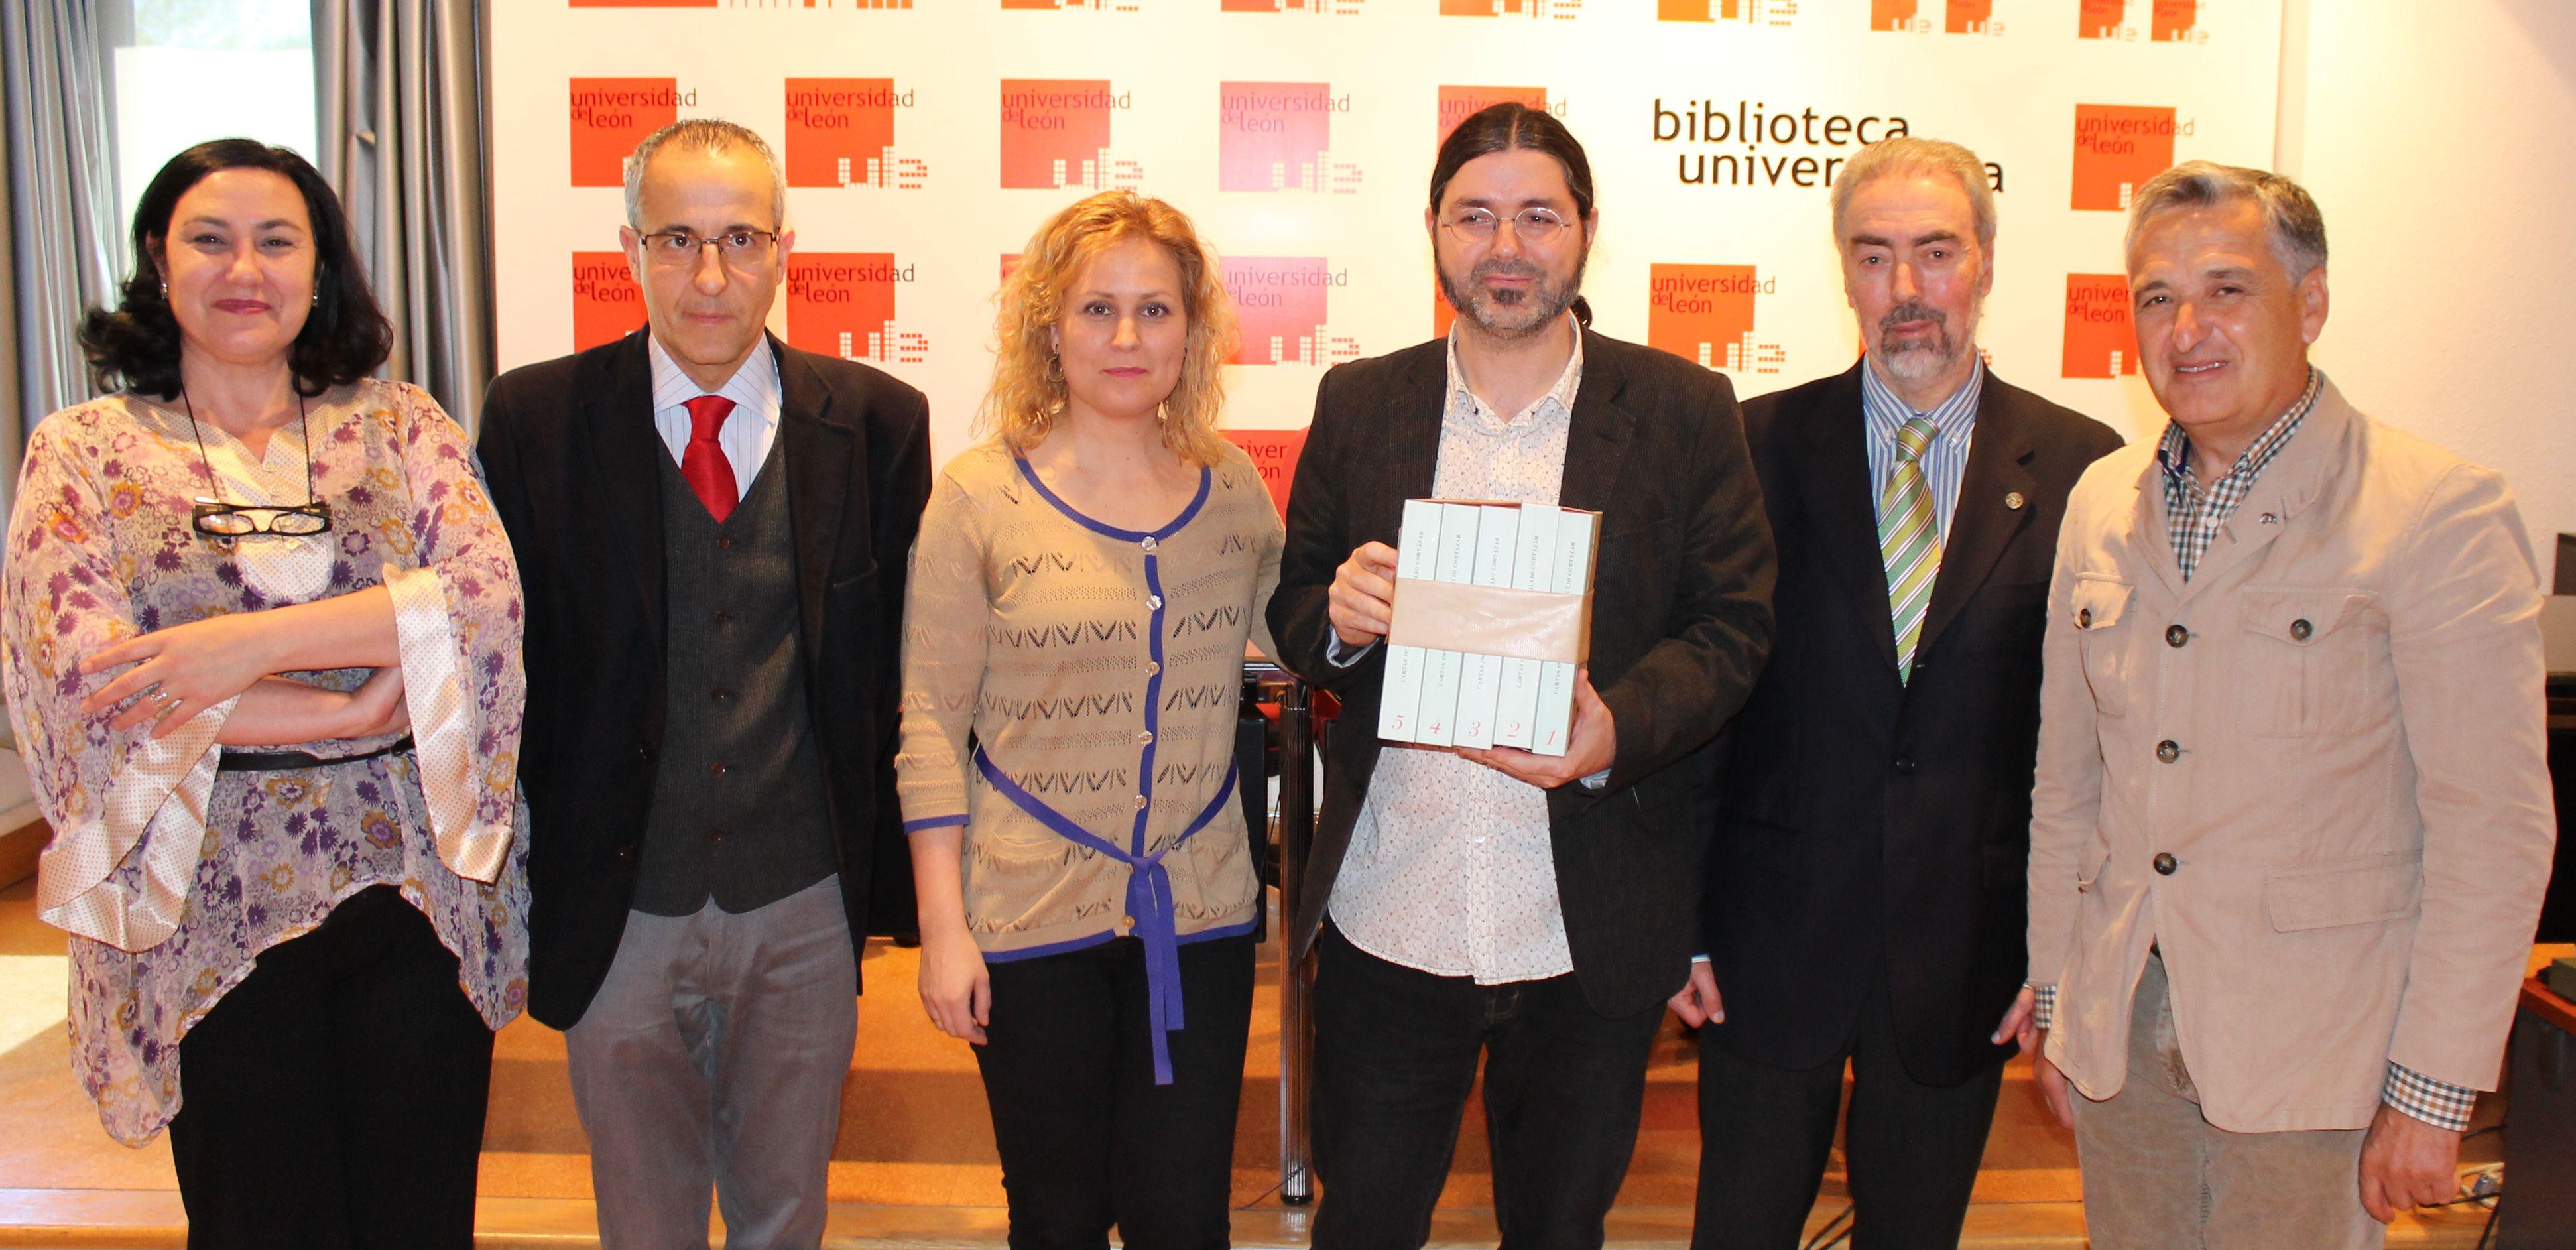 Ana Rodríguez, Jesús Nieto, Natalia Álvarez, Juan Carlos Carbajo, Alberto Villena, Santiago Asenjo